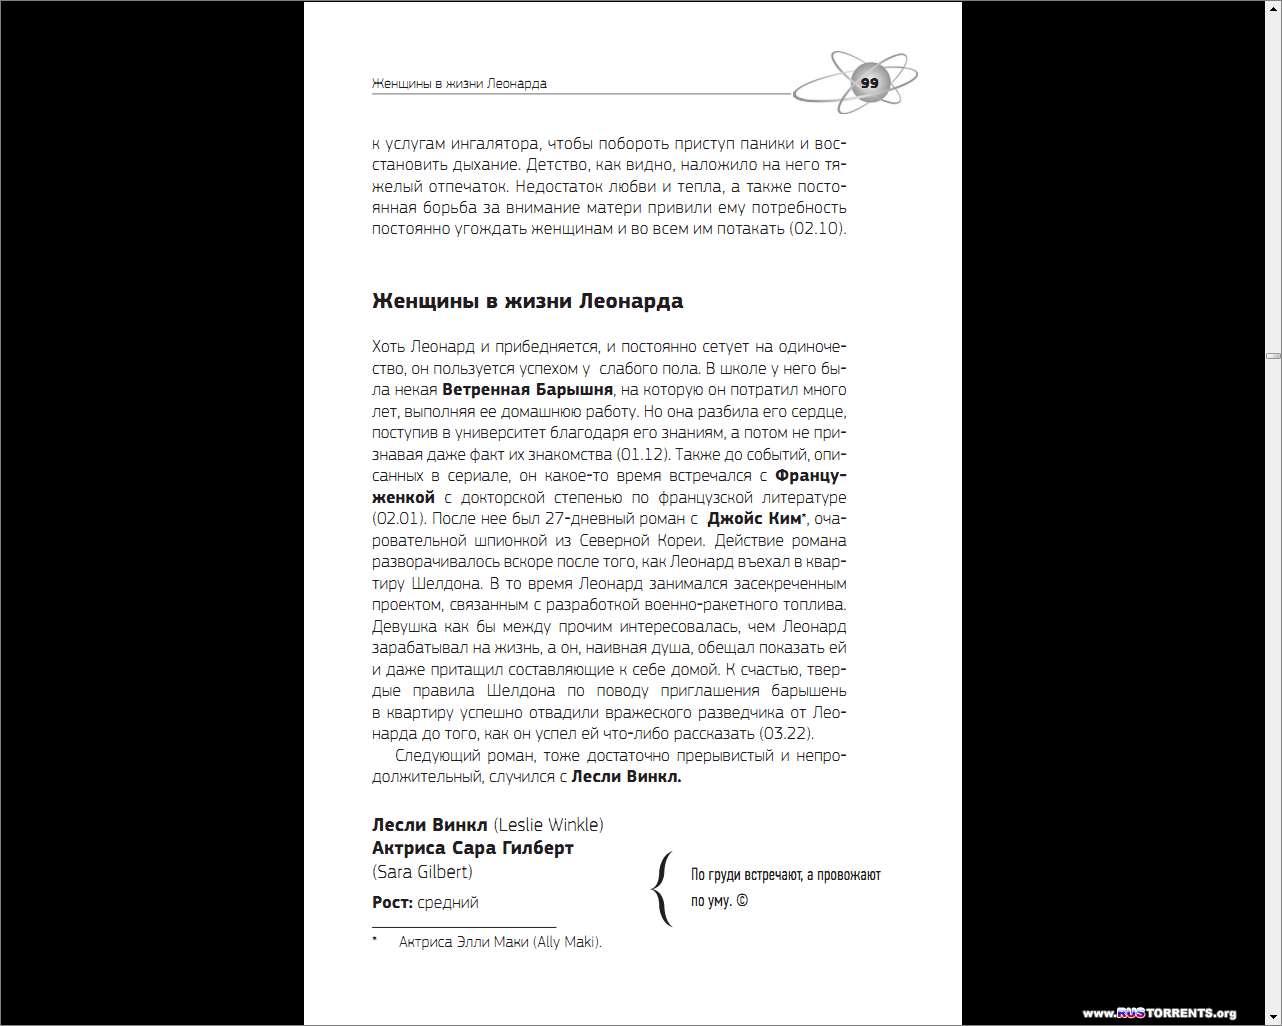 Екатерина Диппер, Александр Седов - Теория Большого Взрыва гид по сериалу по версии Кураж-Бамбей | PDF